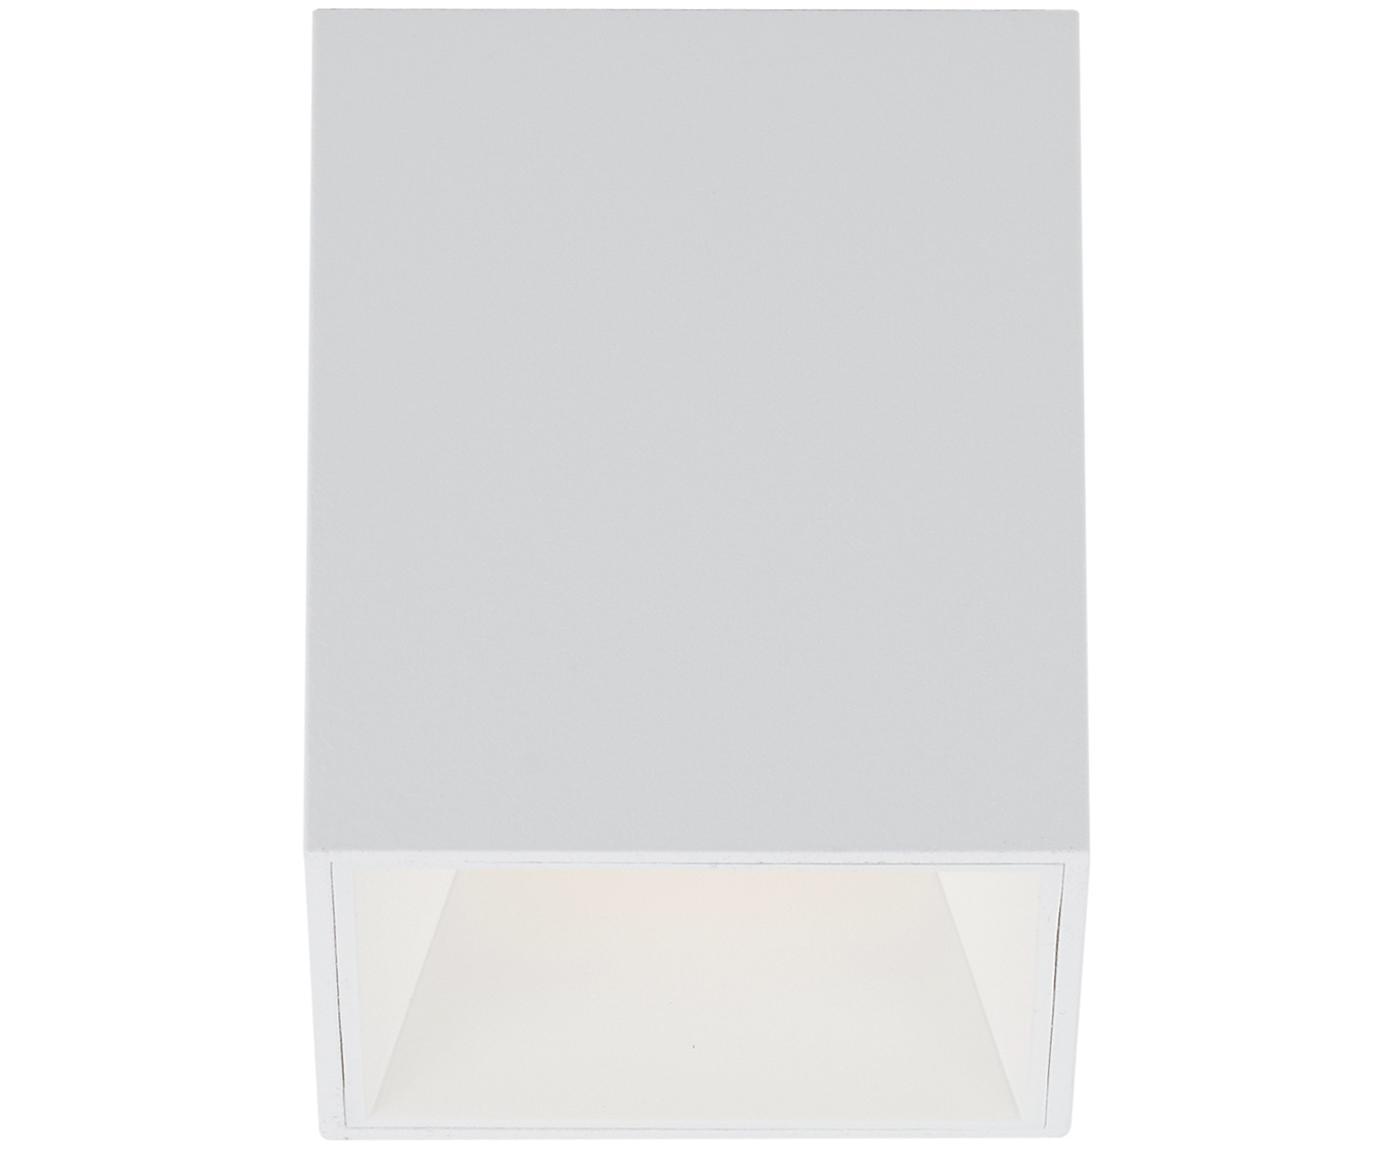 LED Deckenspot Marty, Metall, pulverbeschichtet, Weiss, matt, 10 x 12 cm